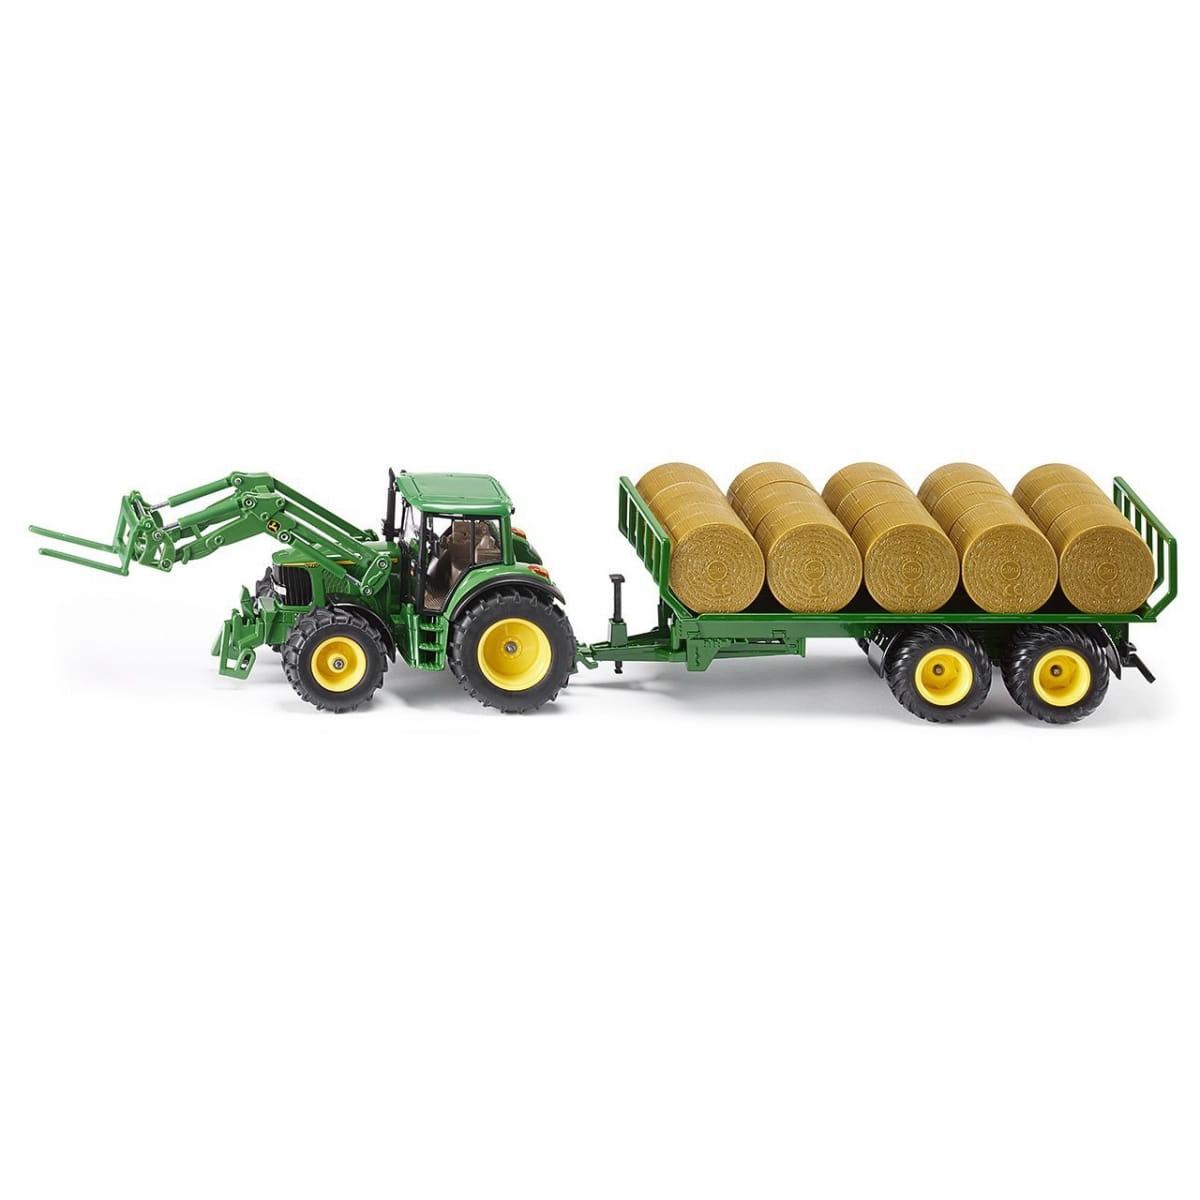 Набор Siku 3862 Трактор с прицепом для круглых кип